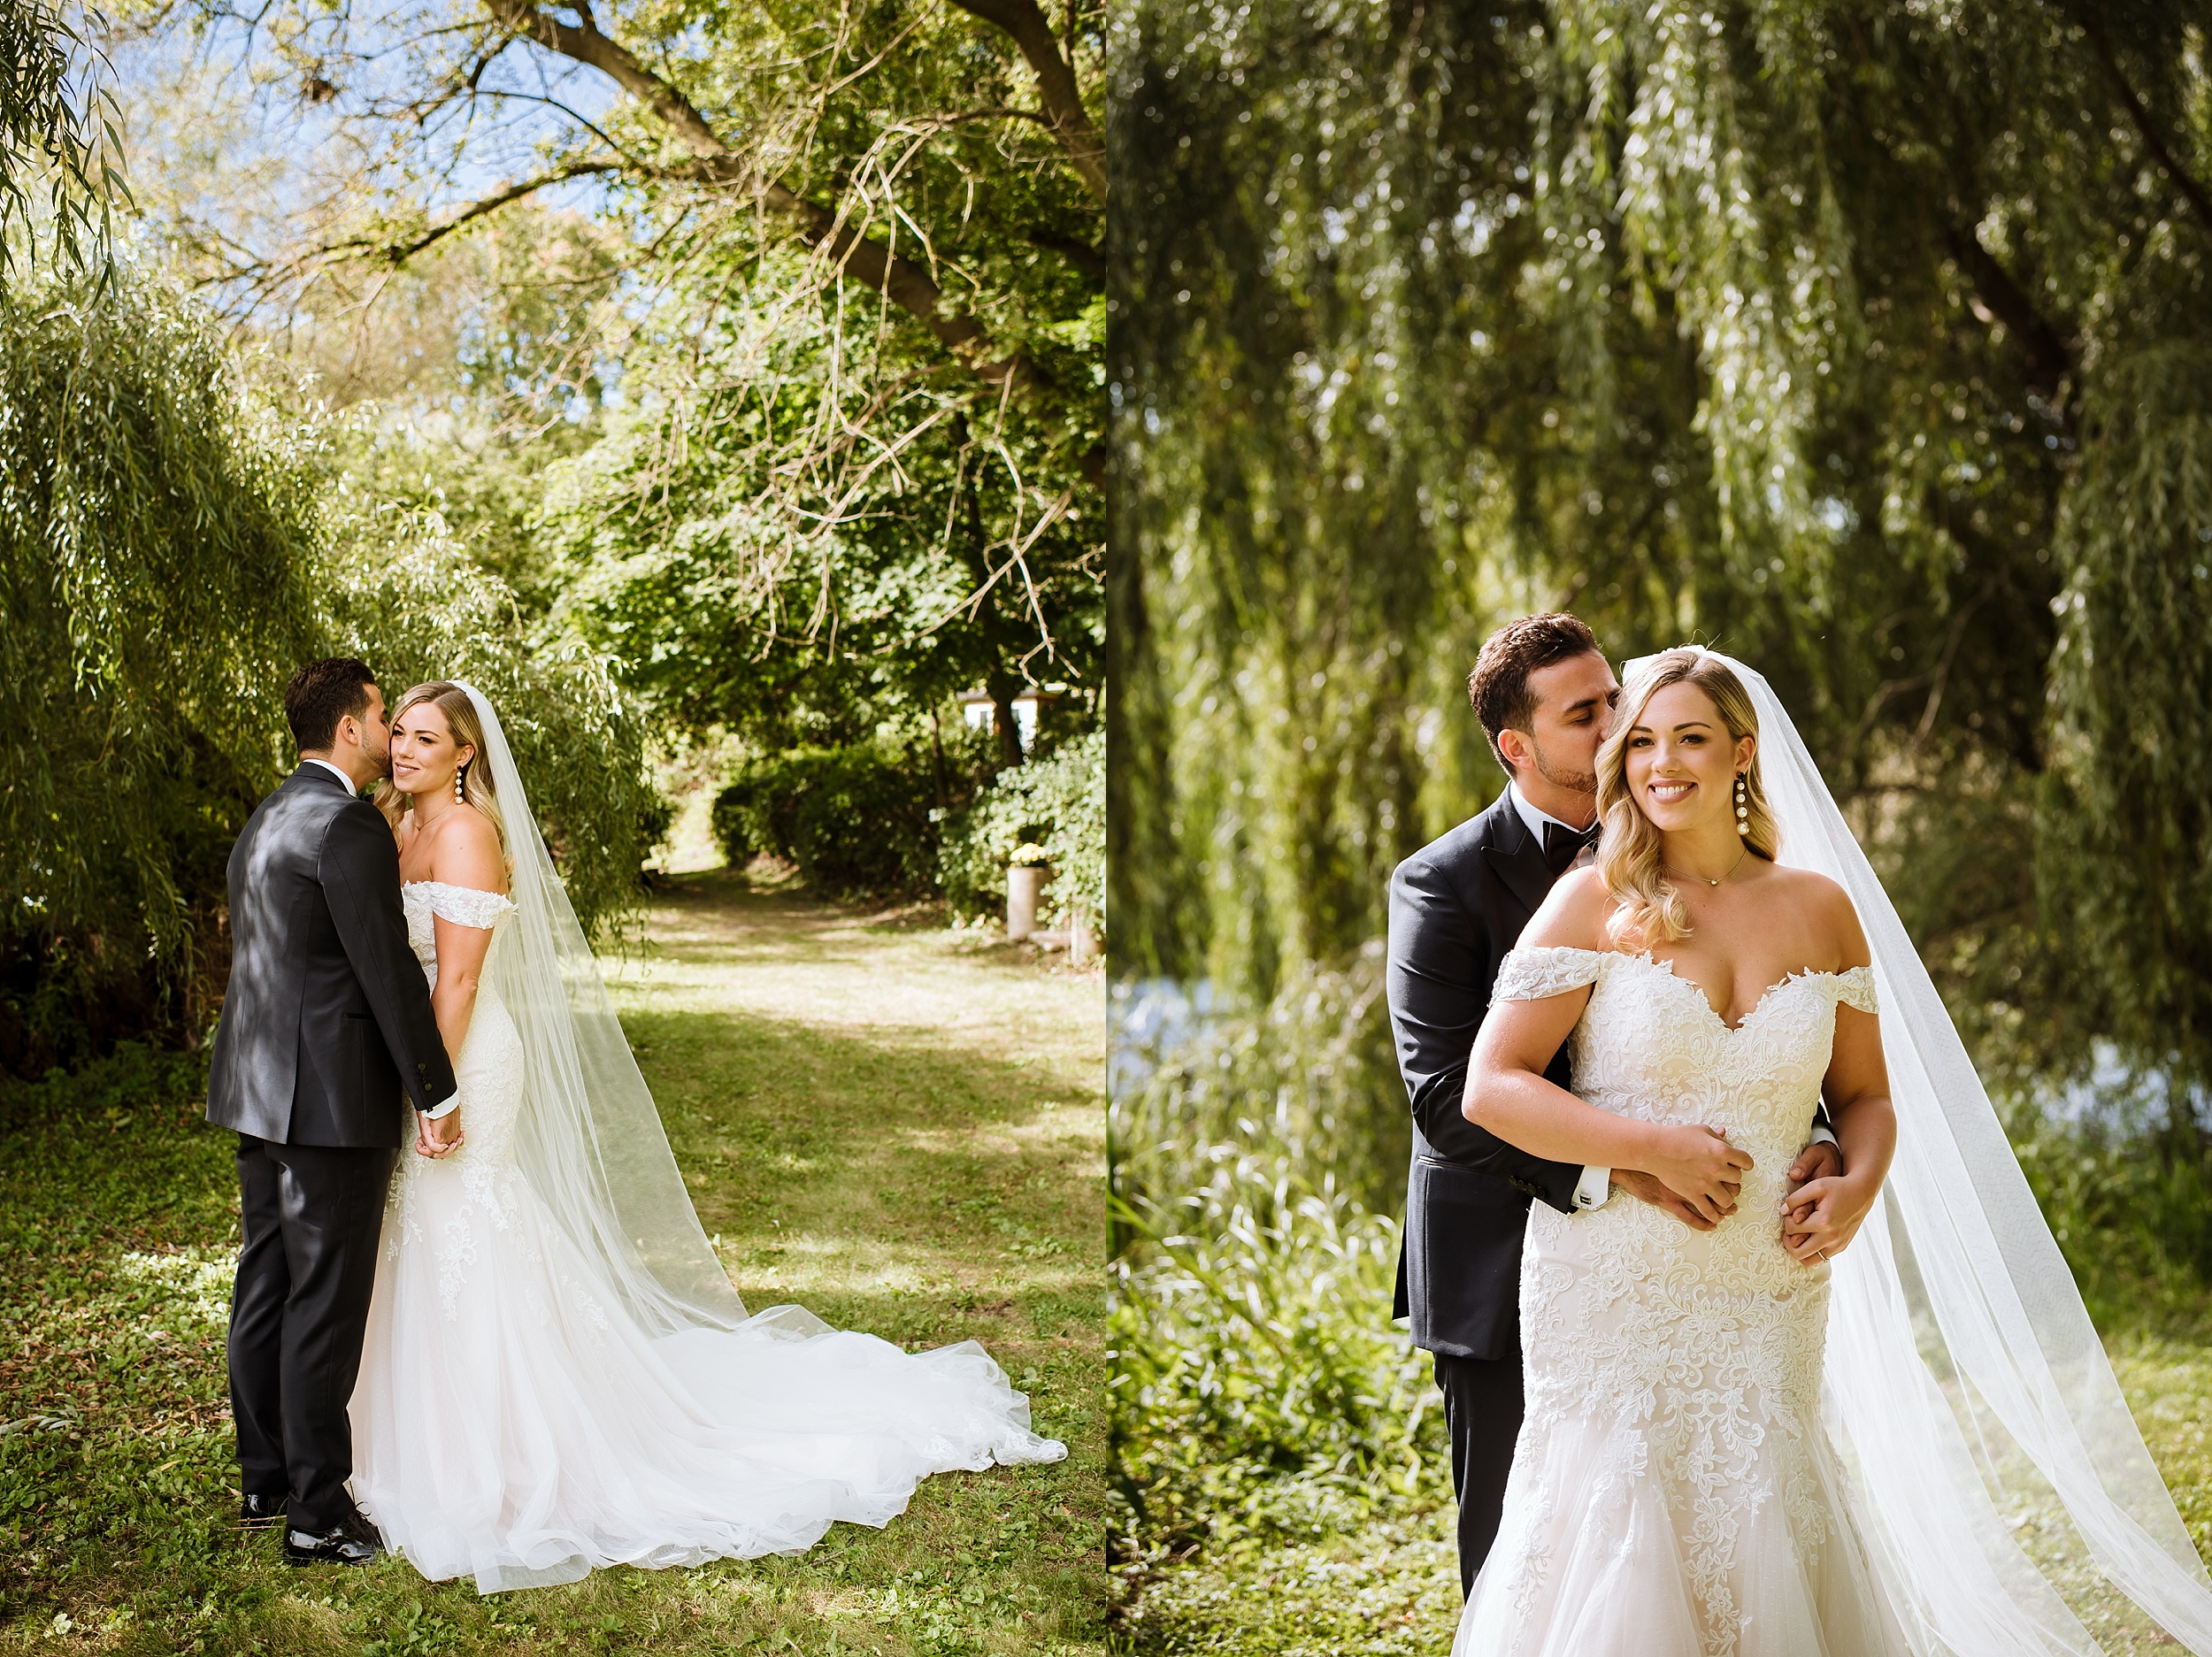 Rustic_Backyard_Wedding_Toronto_Photographer045.jpg